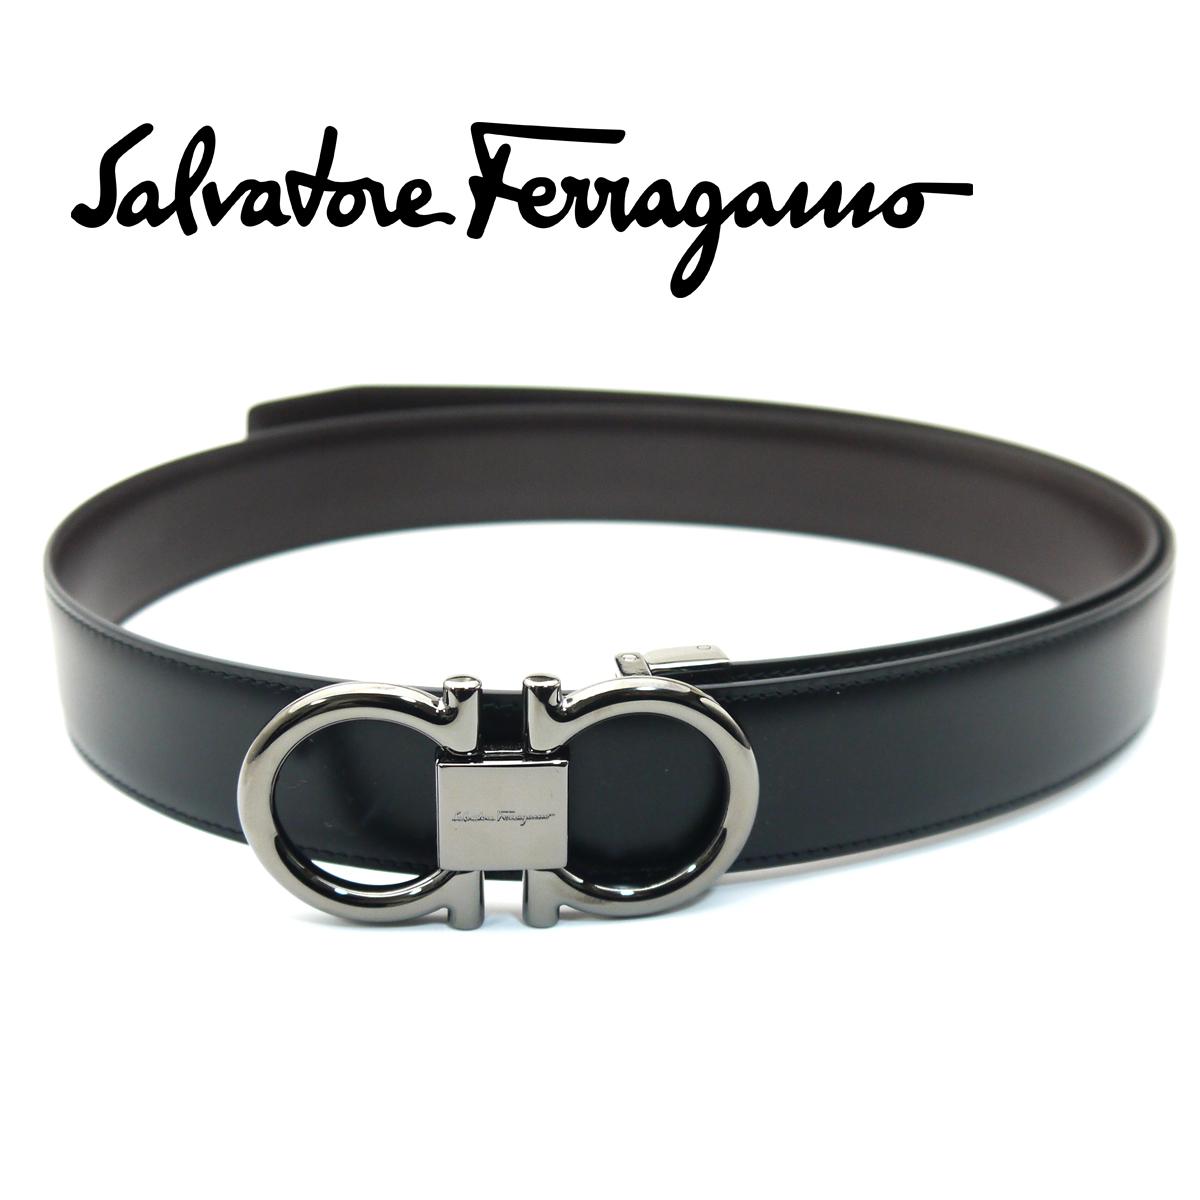 フェラガモ/Salvatore Ferragamo メンズリバーシブルベルト・67-9938【即発送可能】